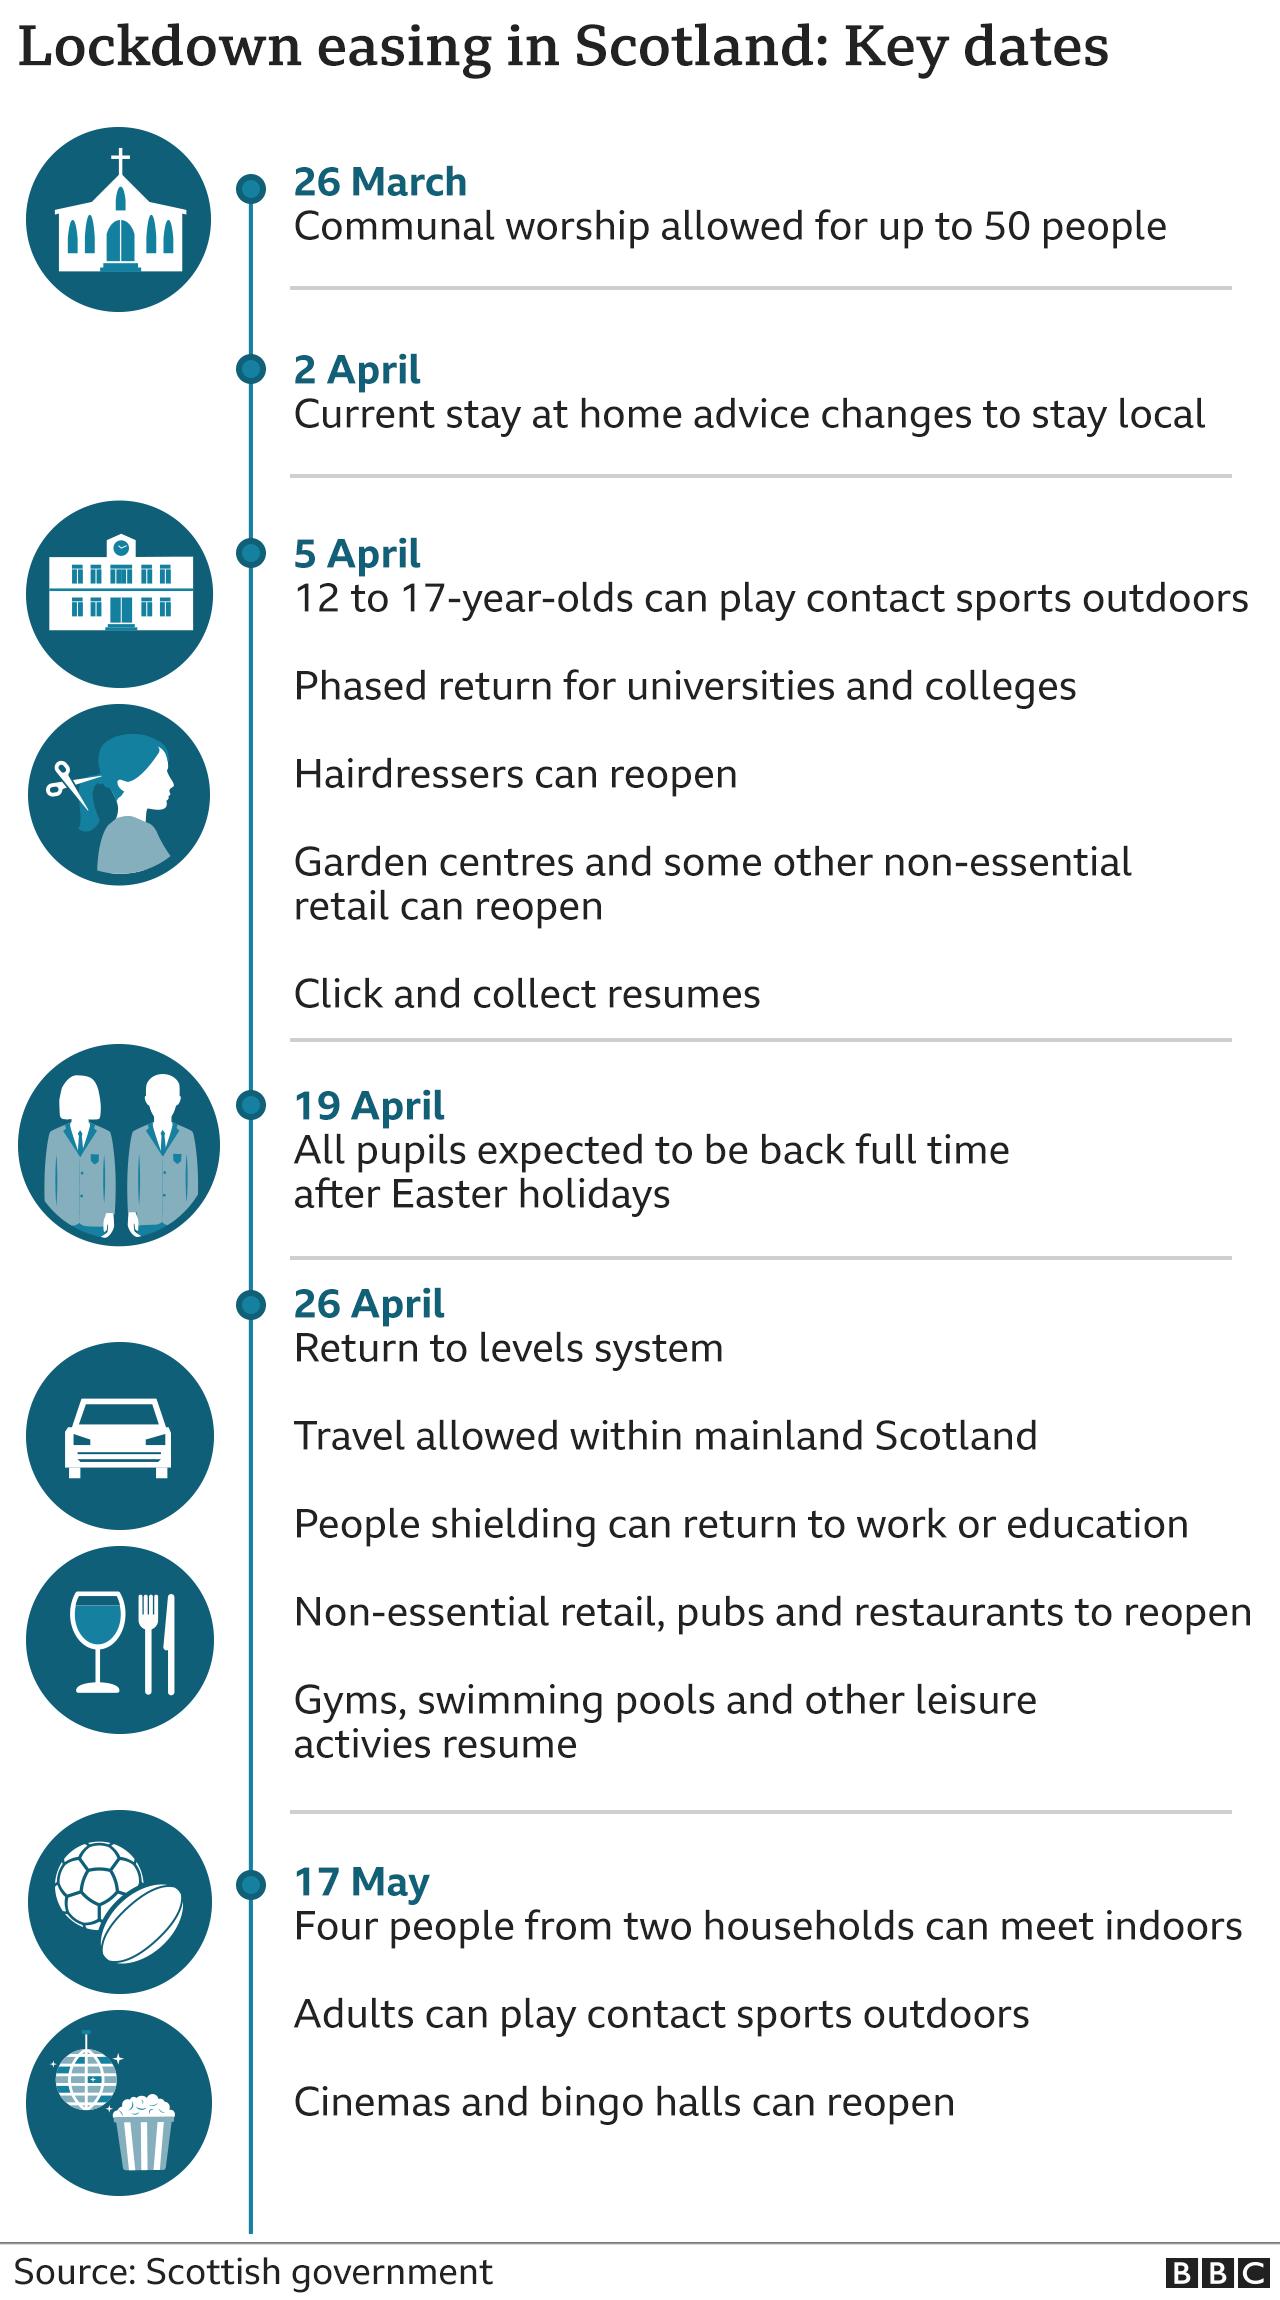 key dates in Scotland